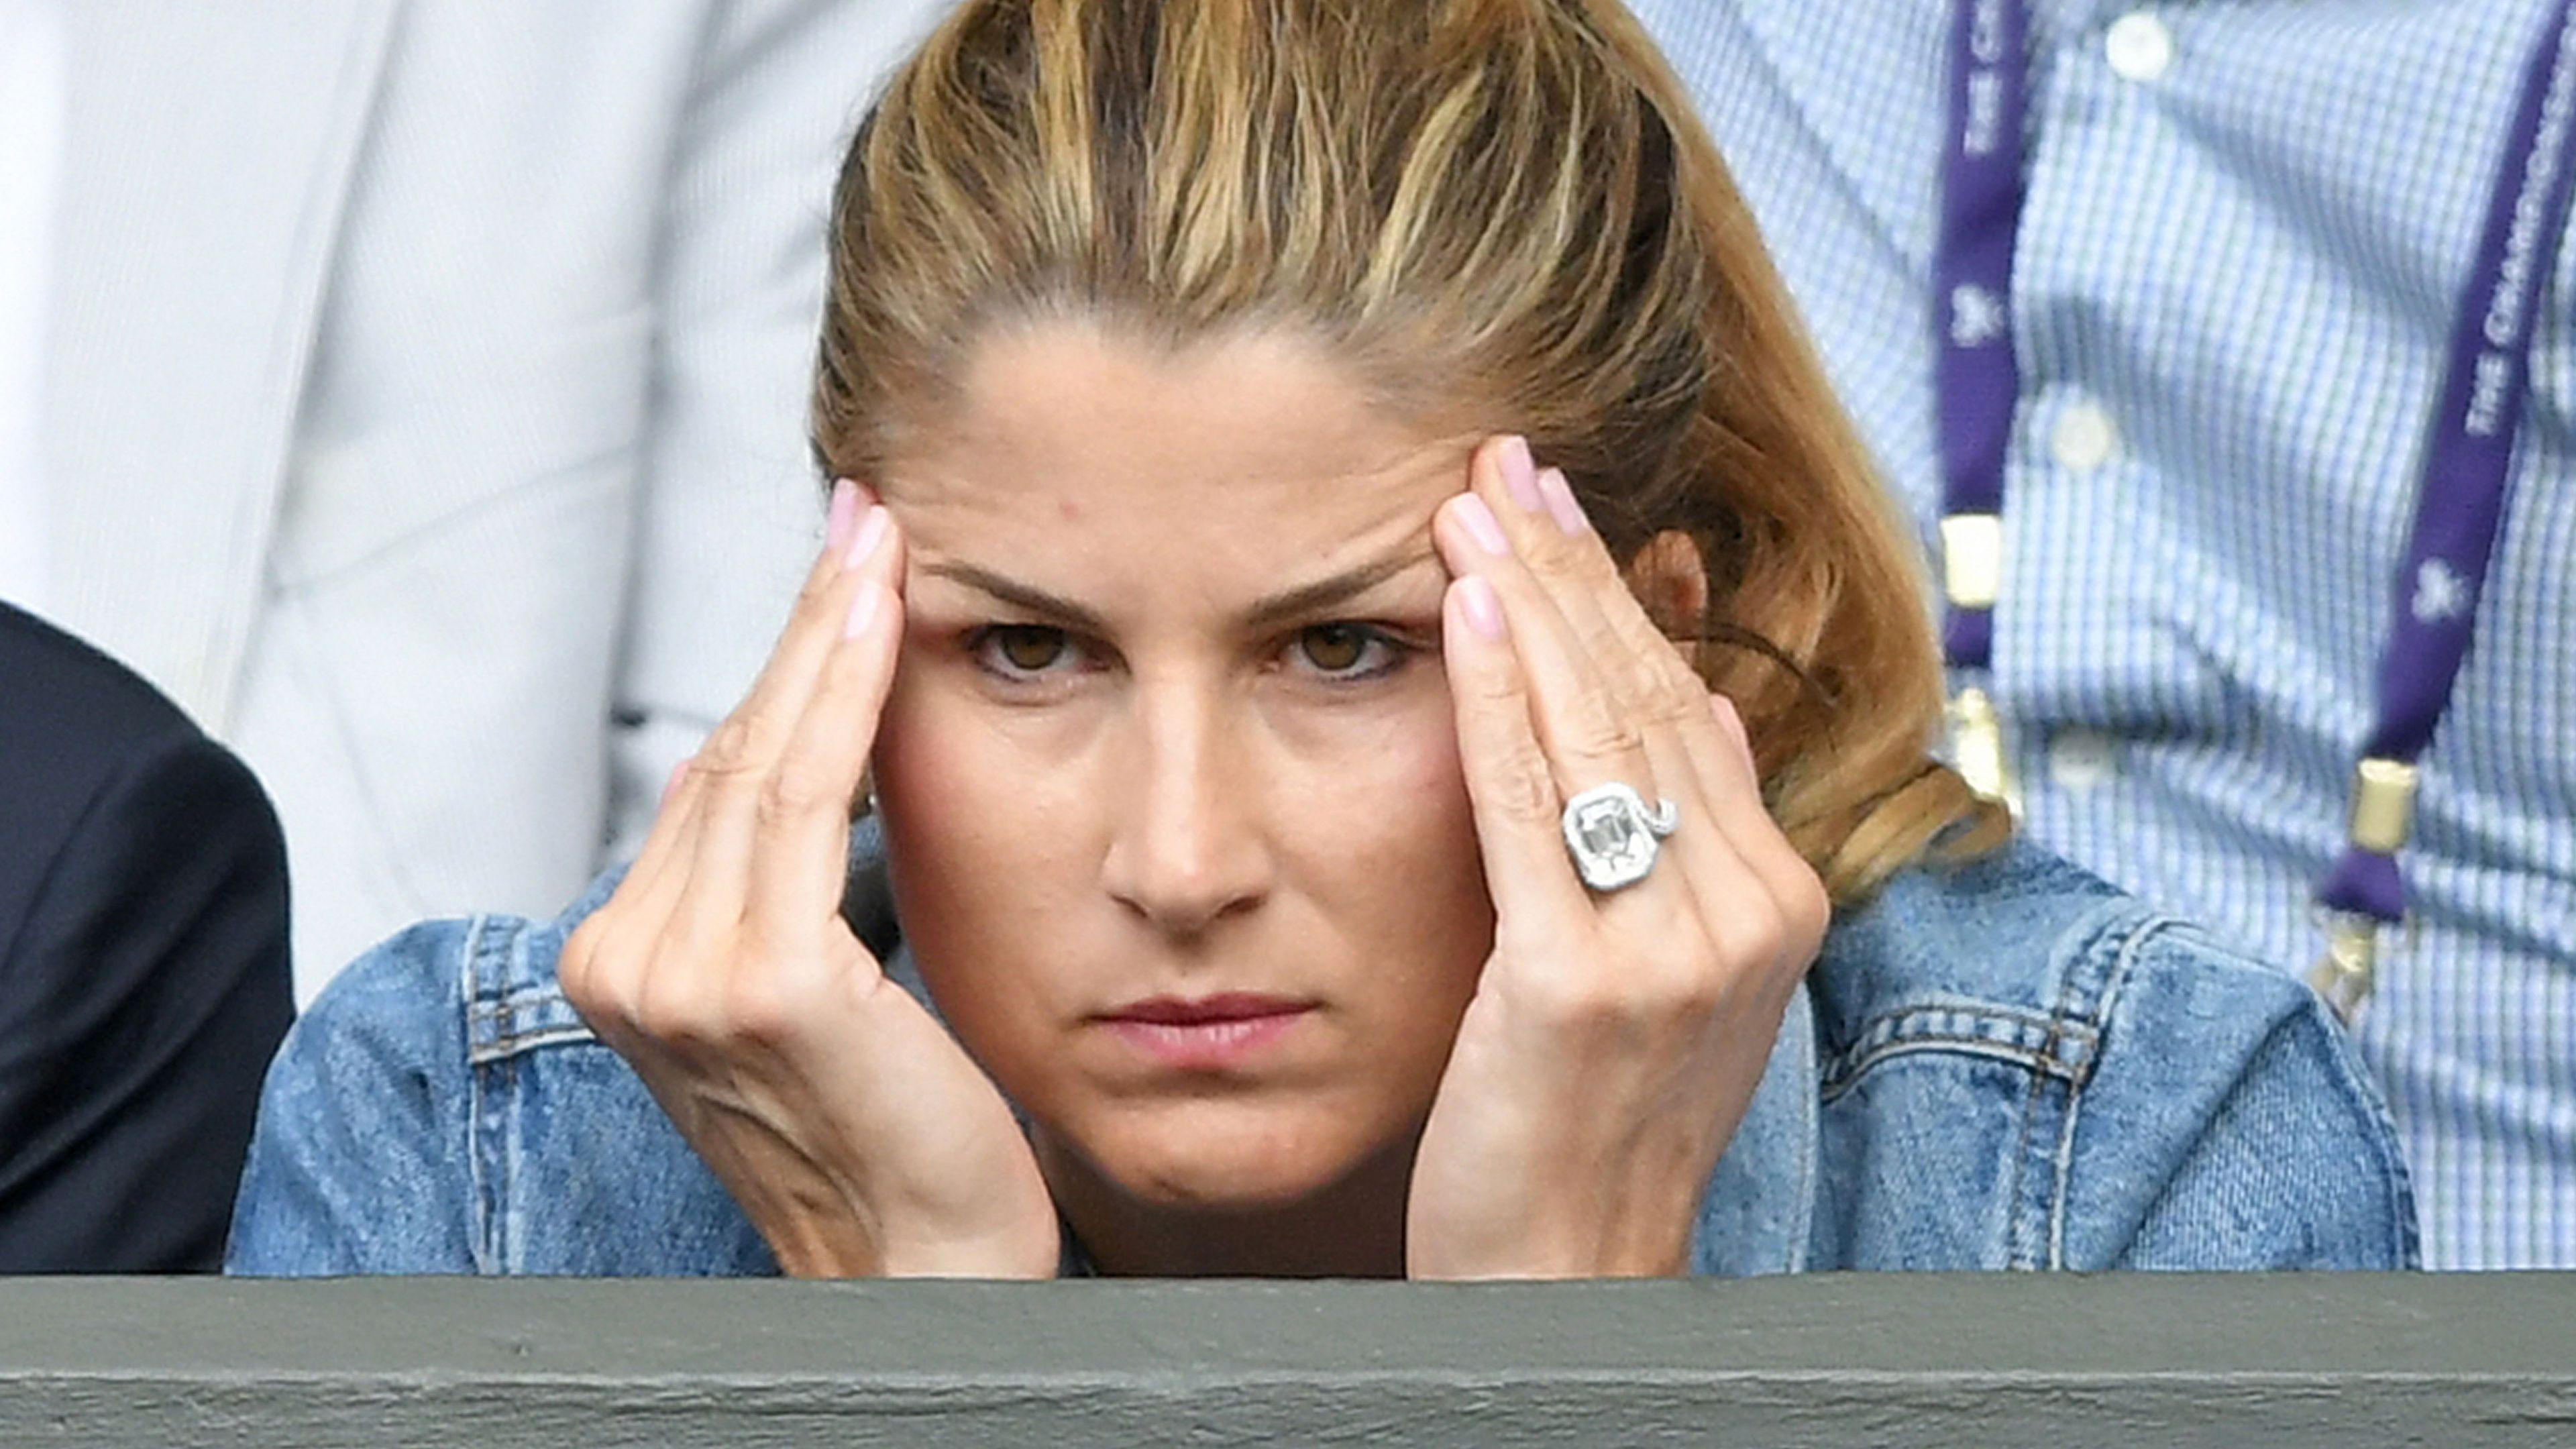 The complication that ended Roger Federer's hopes of returning for Australian Open